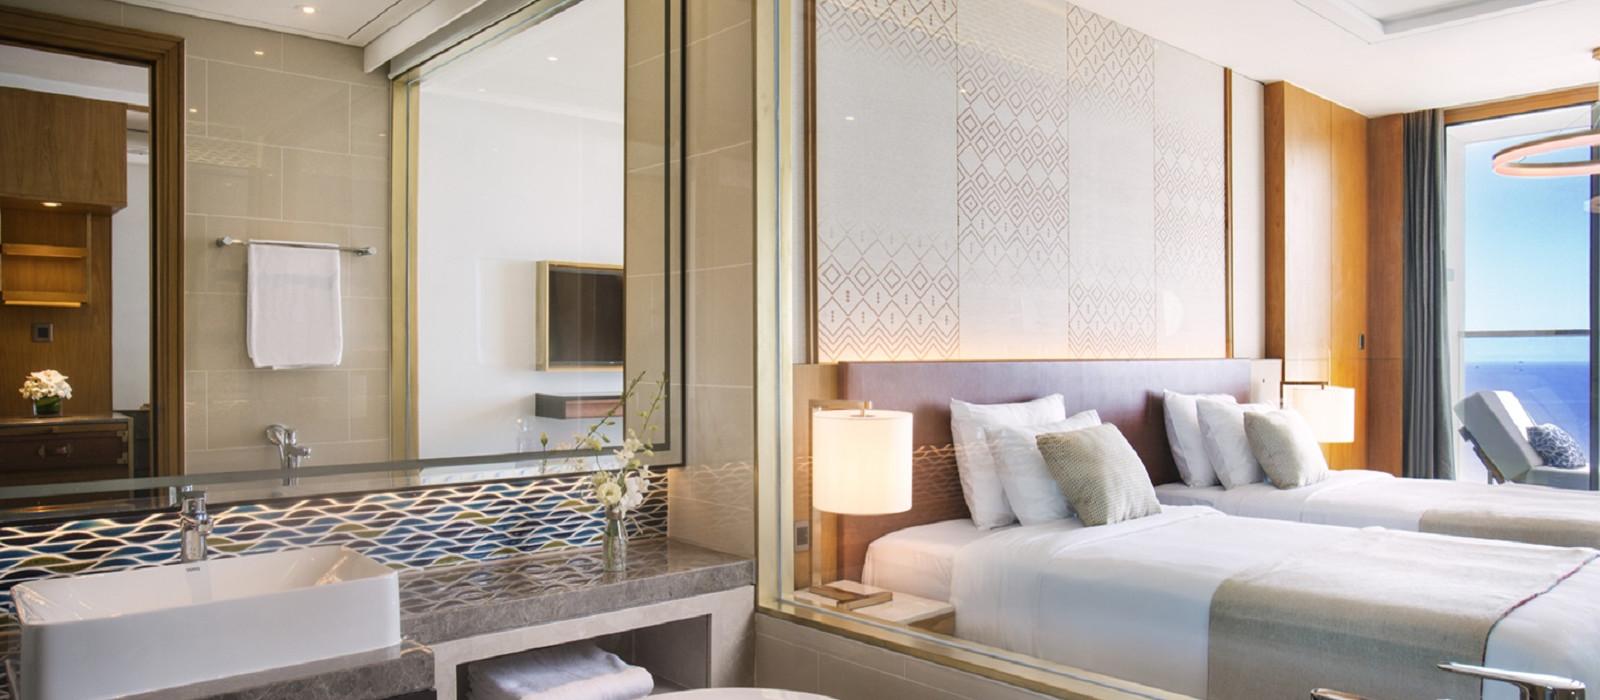 Hotel Mövenpick Resort Cam Ranh Vietnam